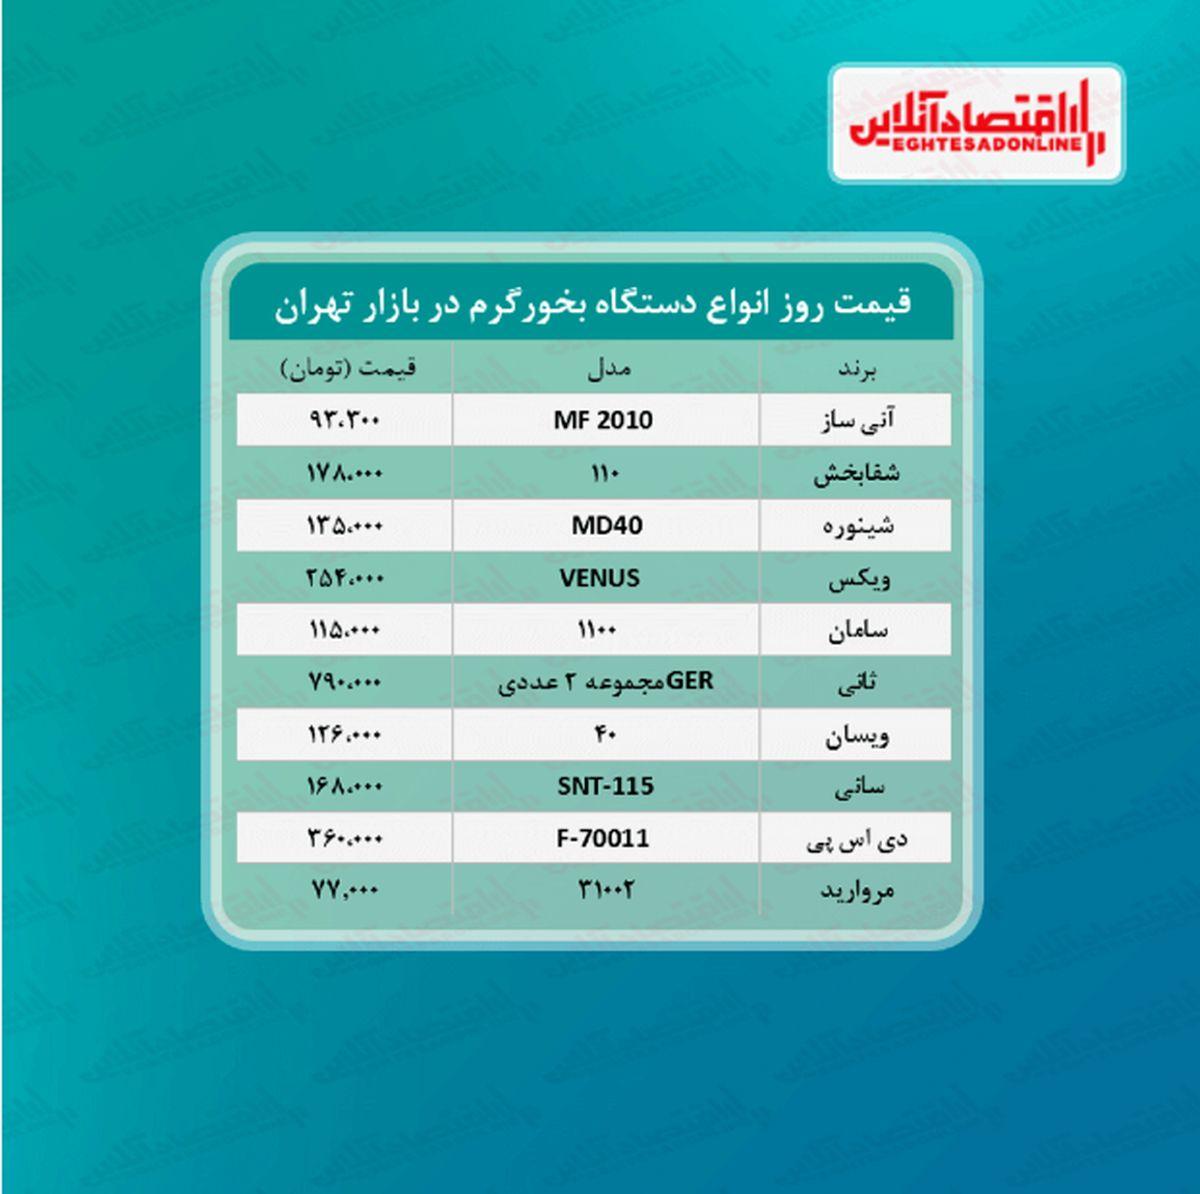 قیمت جدید دستگاه بخور گرم (۱۴۰۰/۳/۱۹)